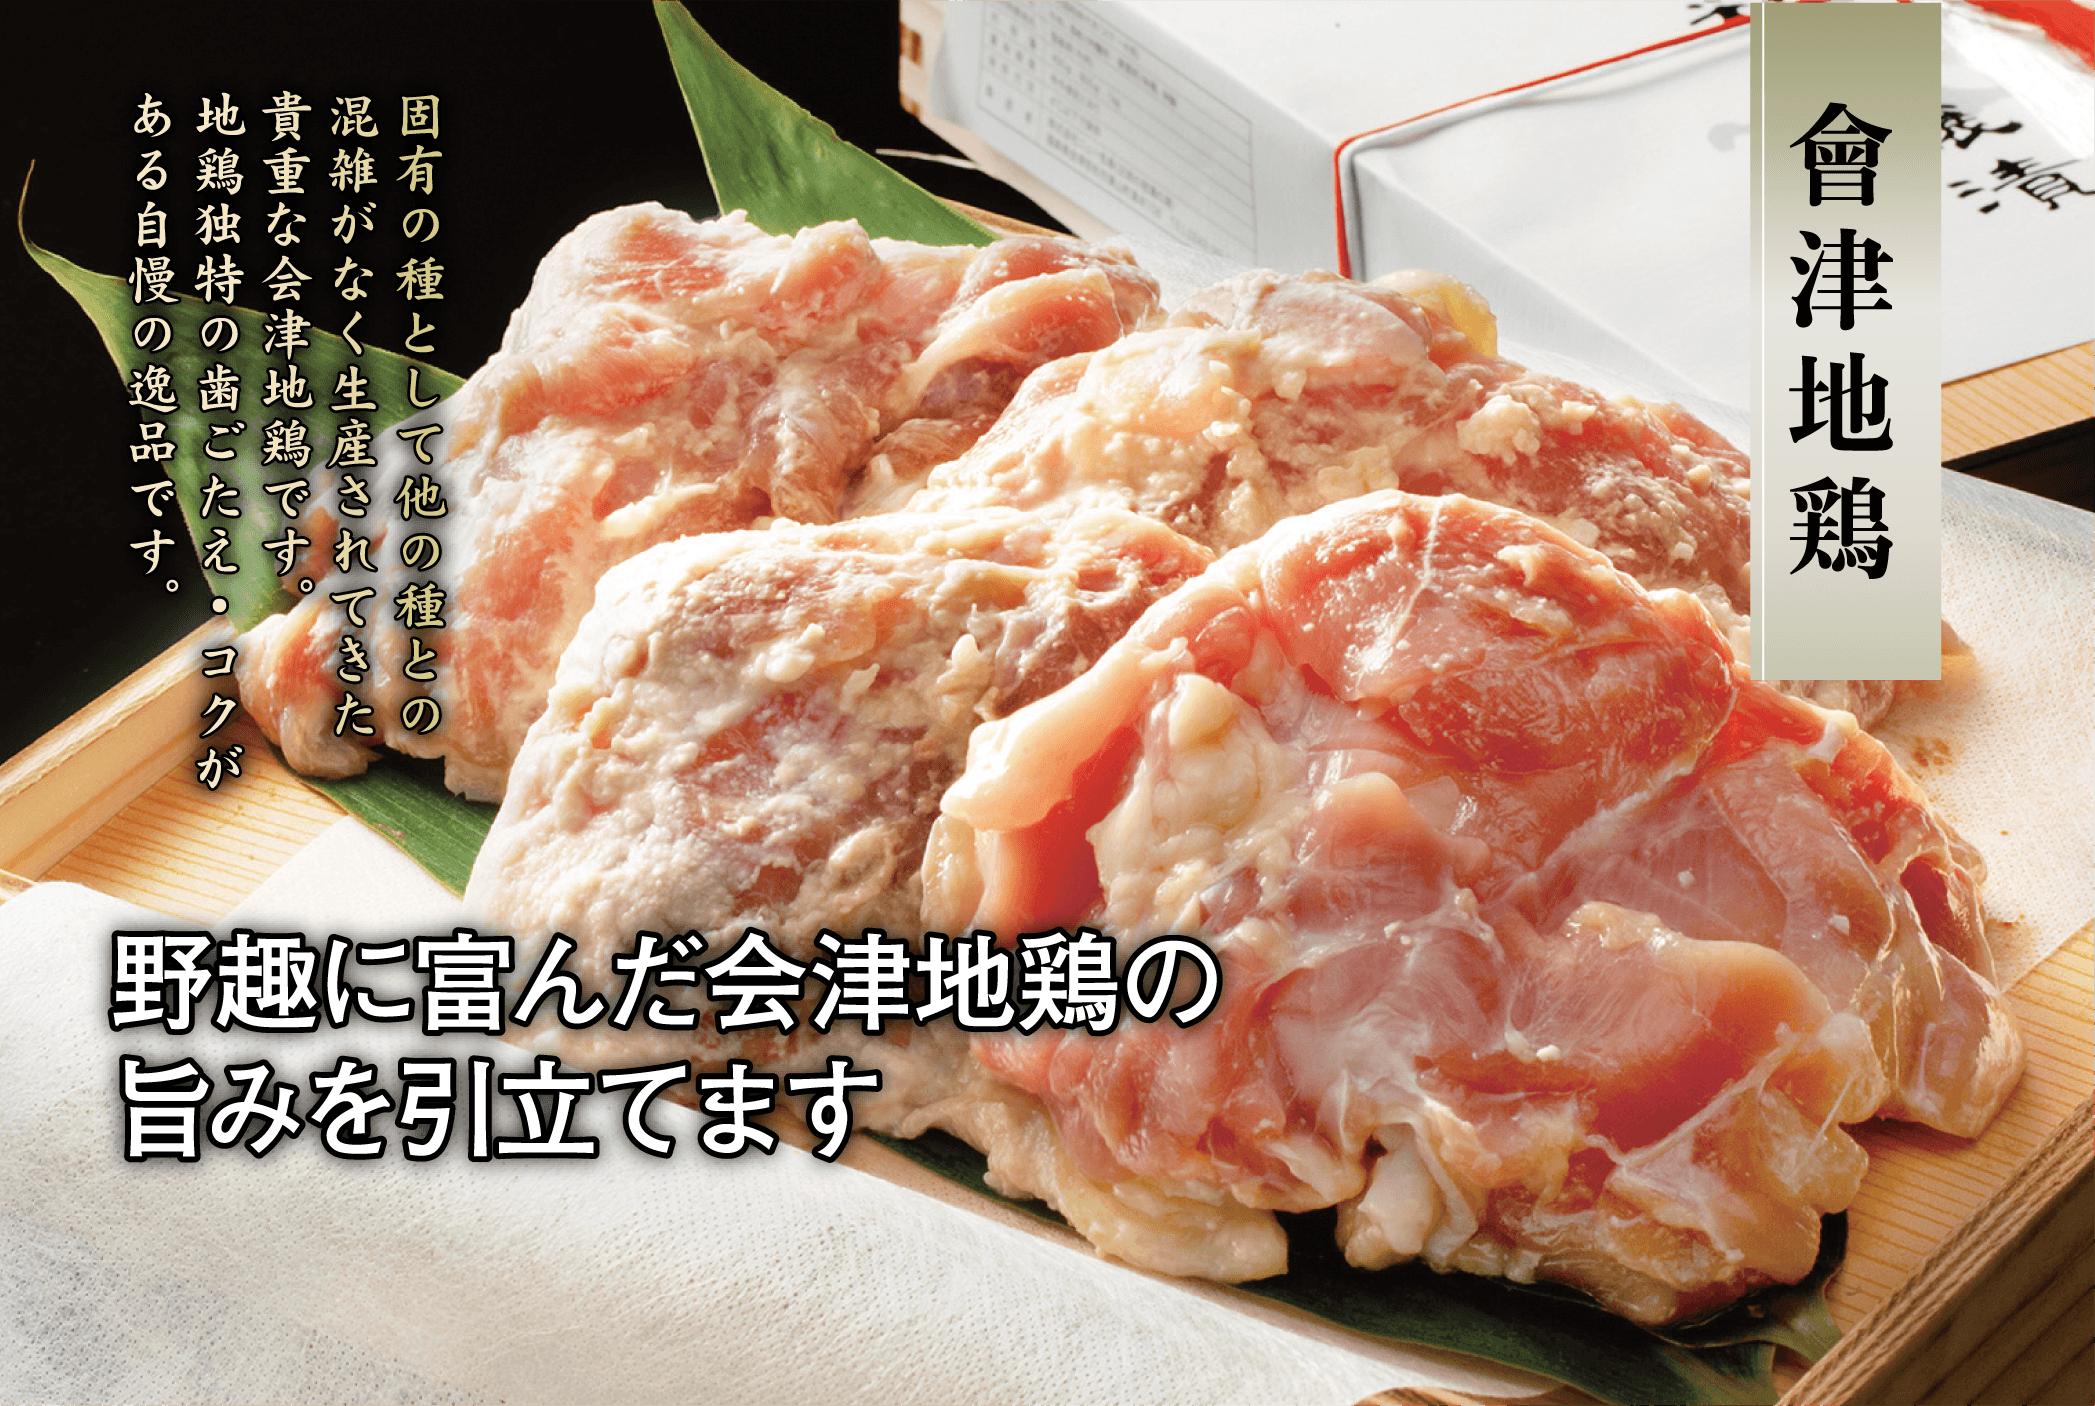 會津地鶏。固有の種として他の種との混雑がなく生産されてきた貴重な会津地鶏です。地鶏独特の歯ごたえ・コクがある自慢の逸品です。野趣に富んだ会津地鶏の旨みを引立てます